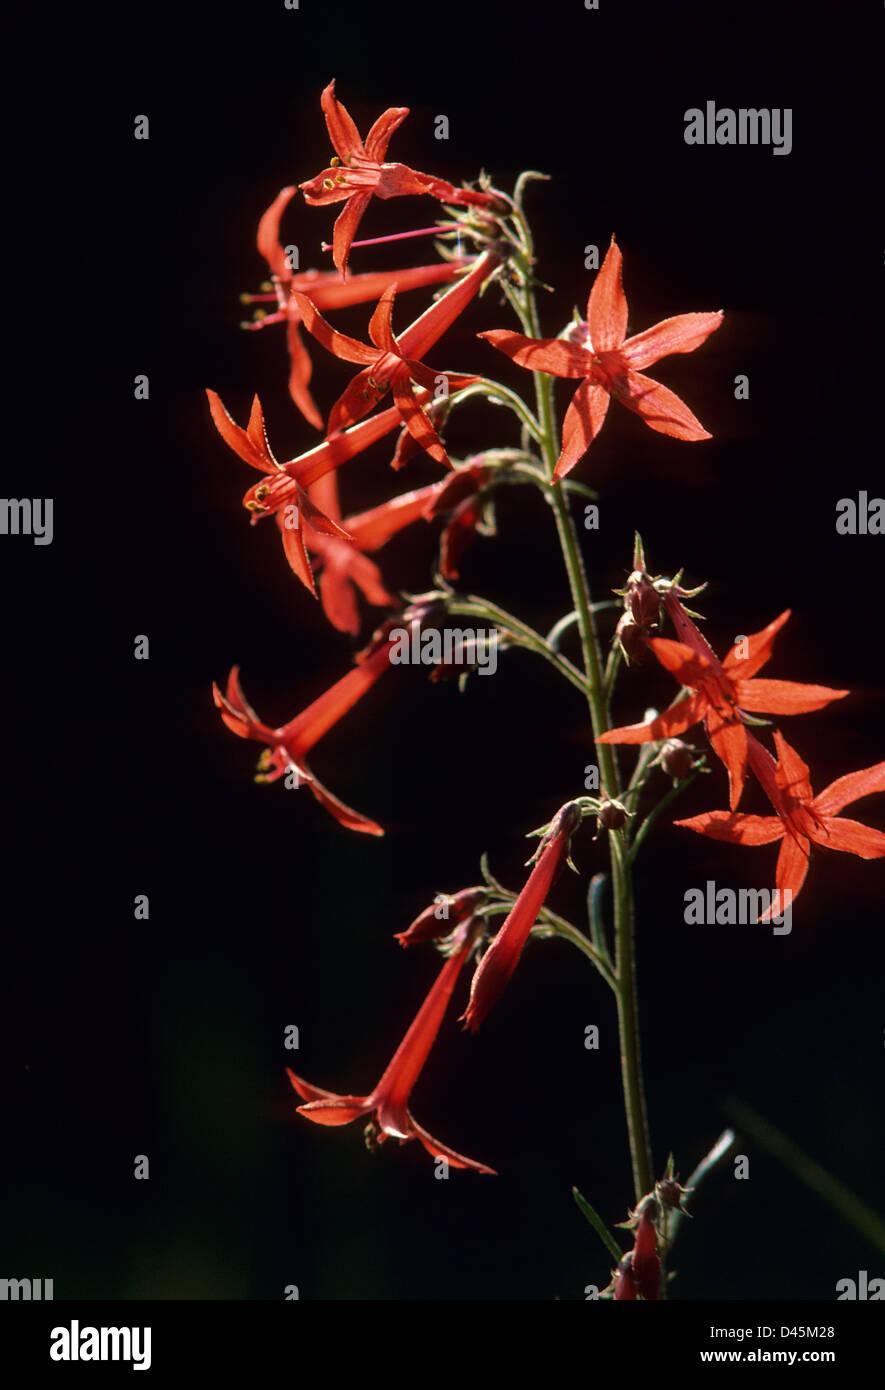 Scarlet gilia or skyrocket, Willamette National Forest, Oregon - Stock Image